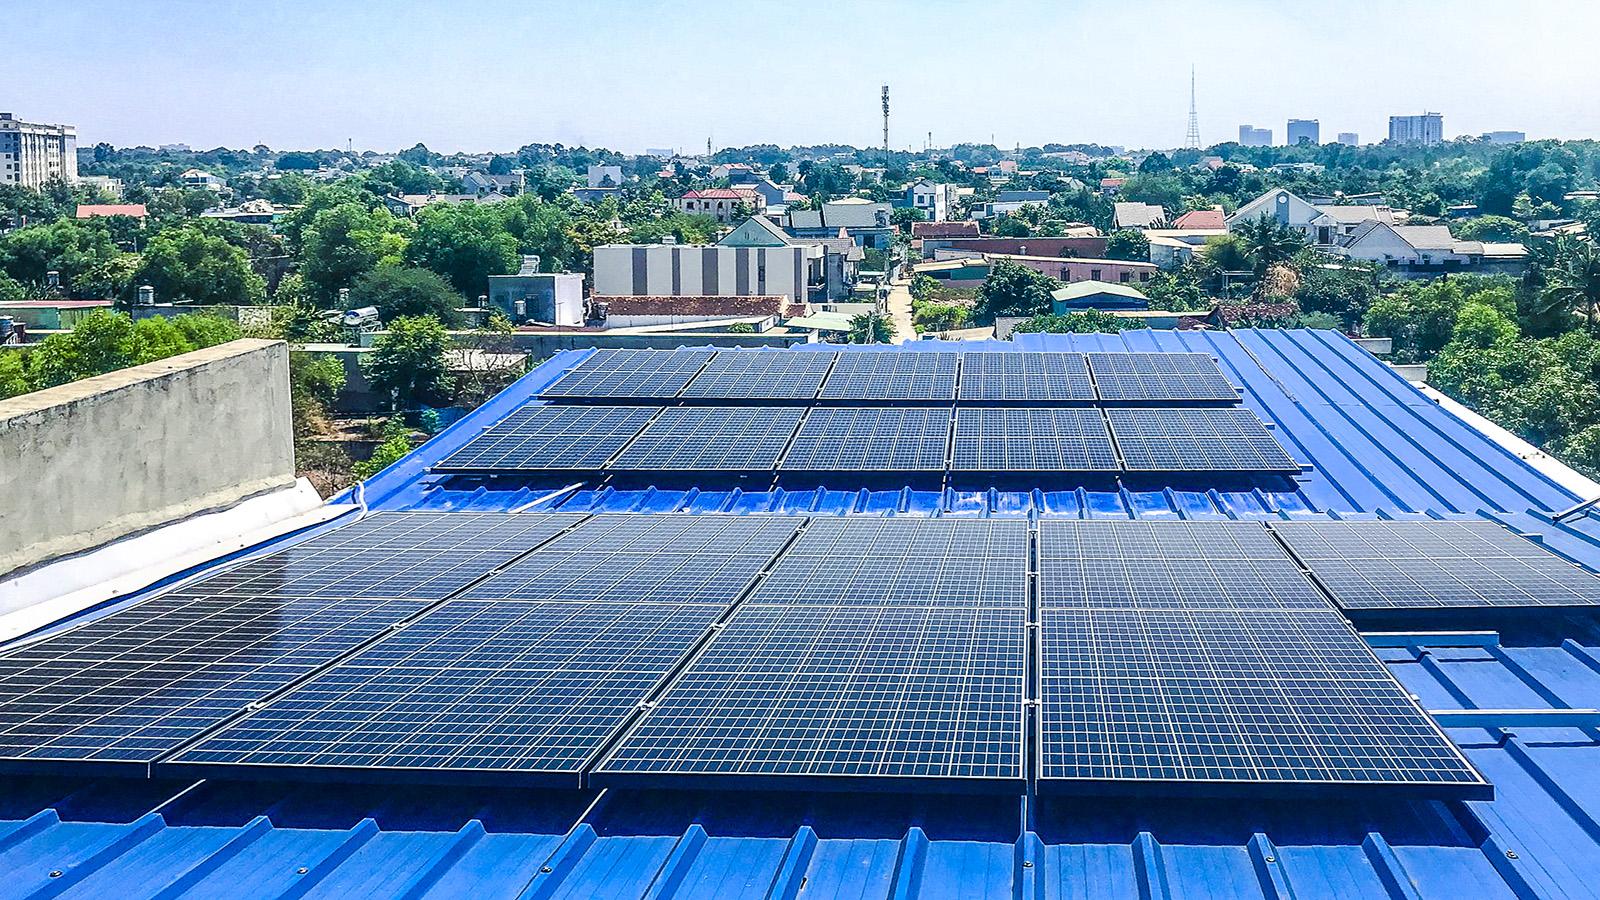 VES lắp điện năng lượng mặt trời tại Hồ Chí Minh